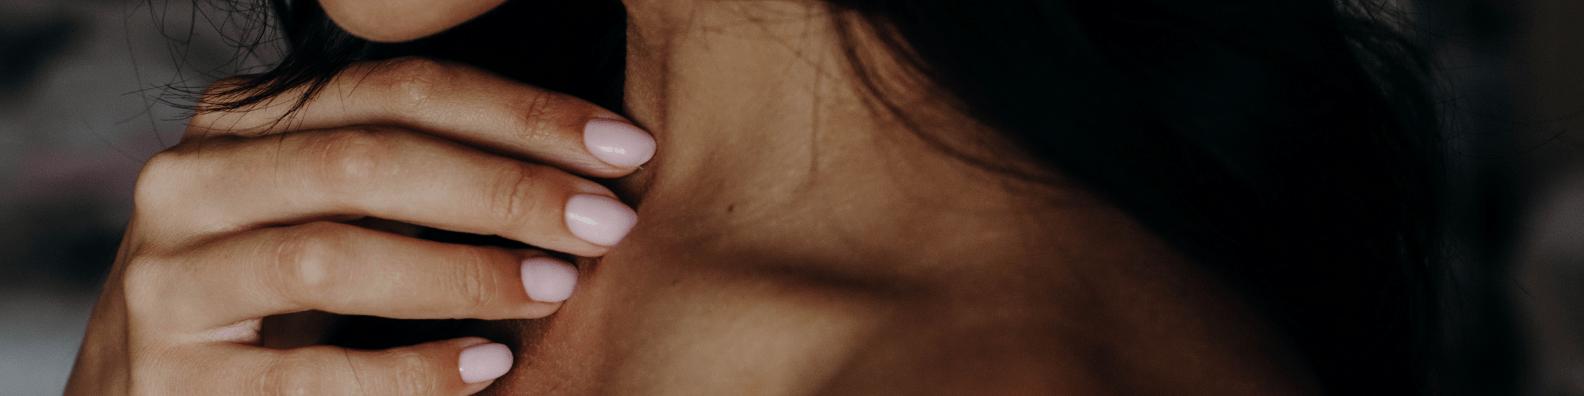 Self pleasuring and mindful masturbation